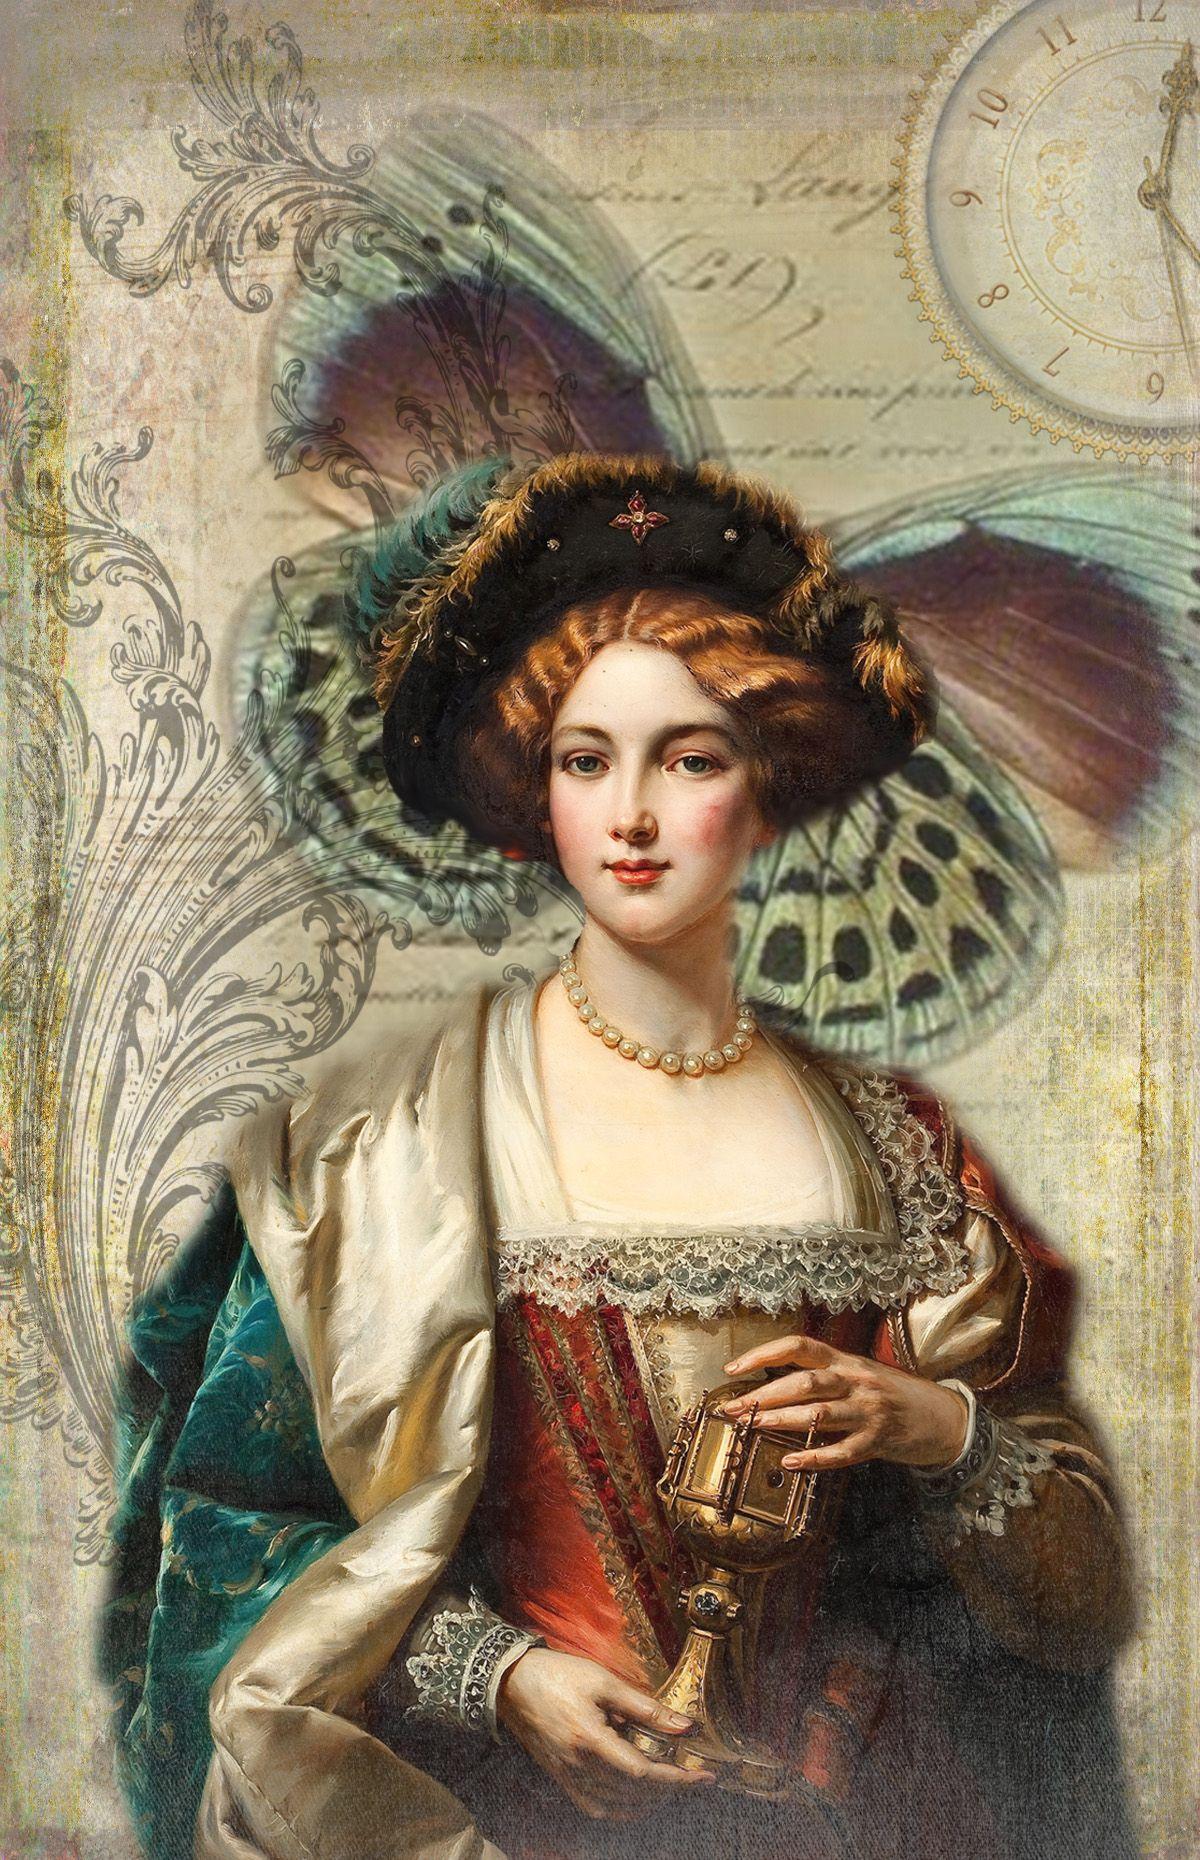 Renaissance Maiden Historical art, Fashion illustration